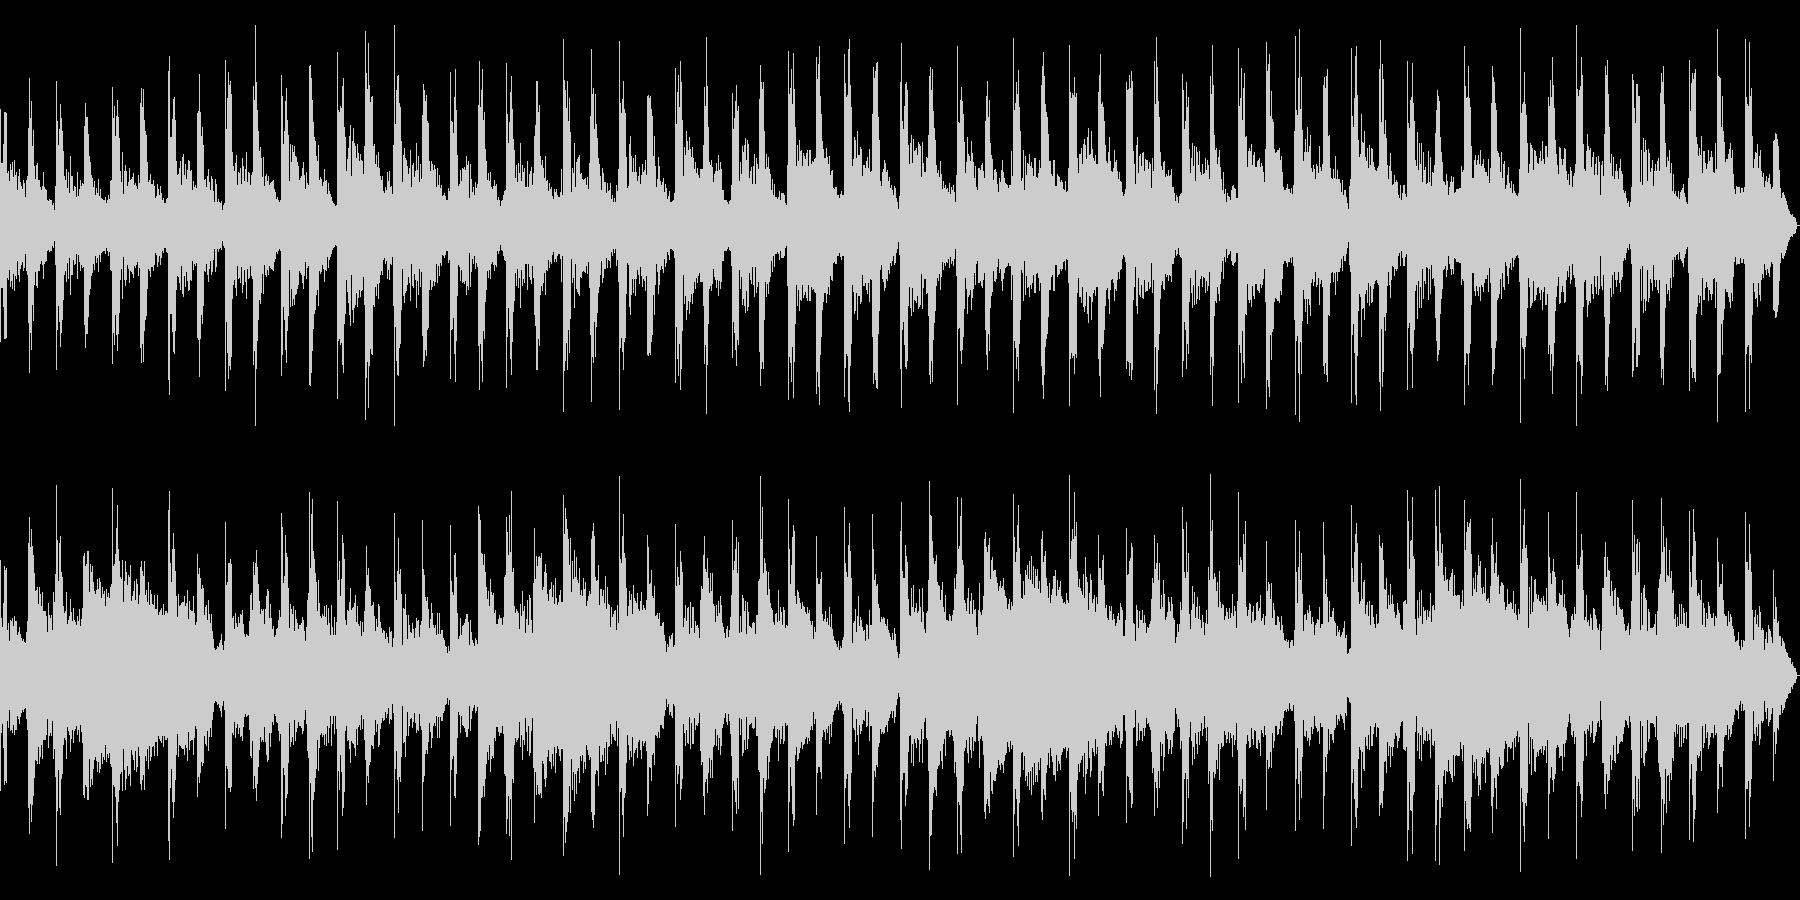 【ループ】レトロ/ゲーム/リザルトの未再生の波形